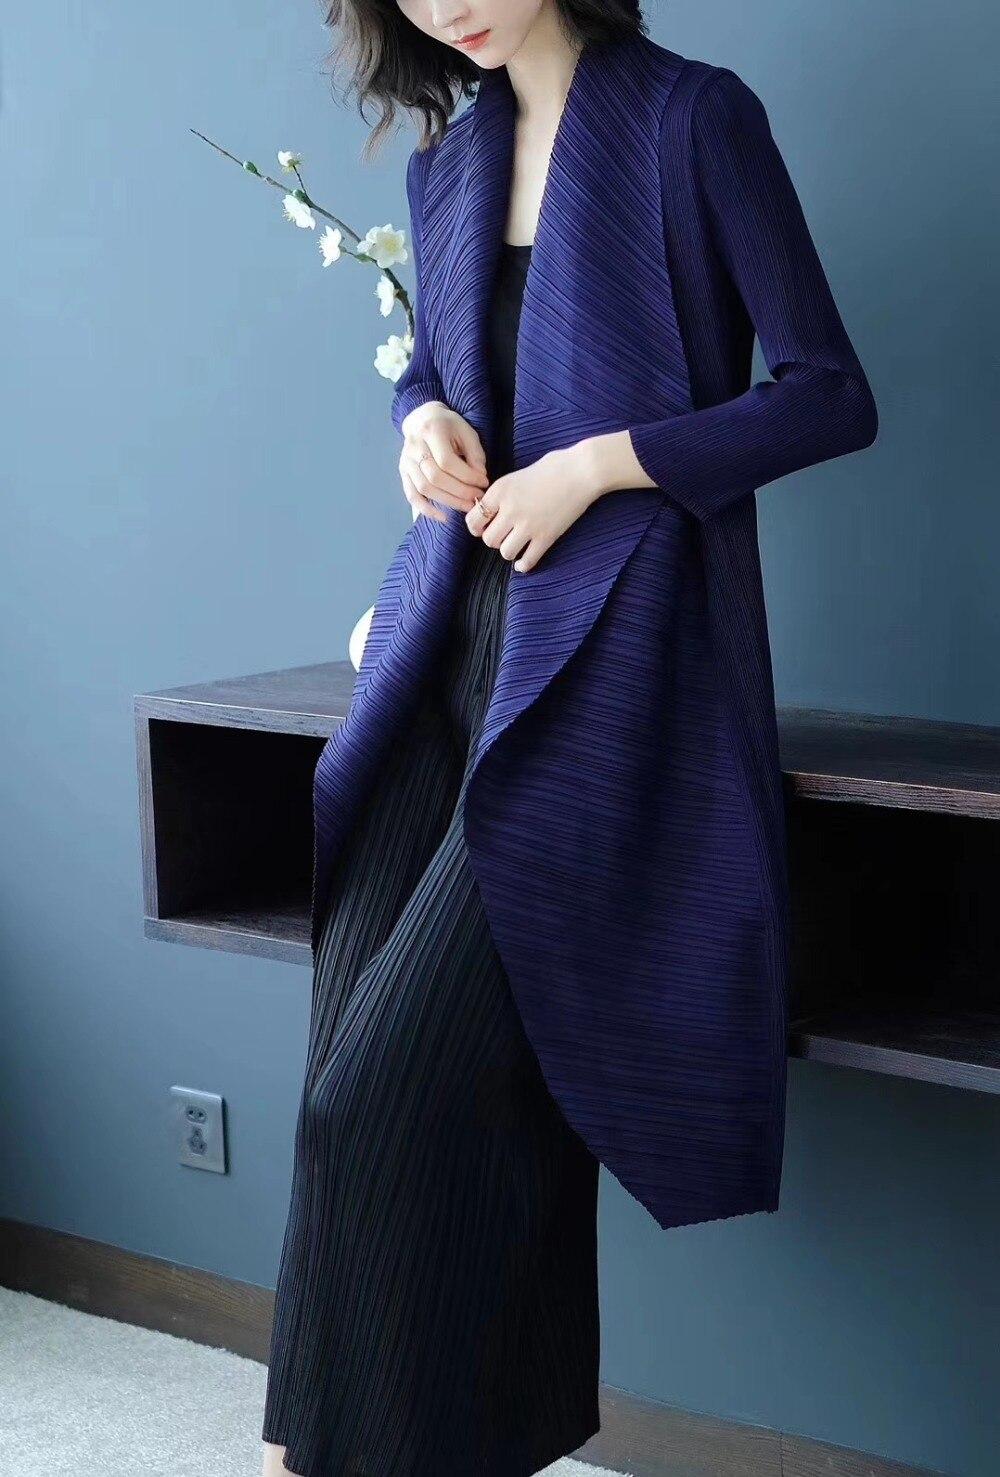 معطف واق من المطر طويل الأكمام ذو ياقة مفتوحة ومتوفرة على شكل عظمة السمكة من Miyake بسعر خاص